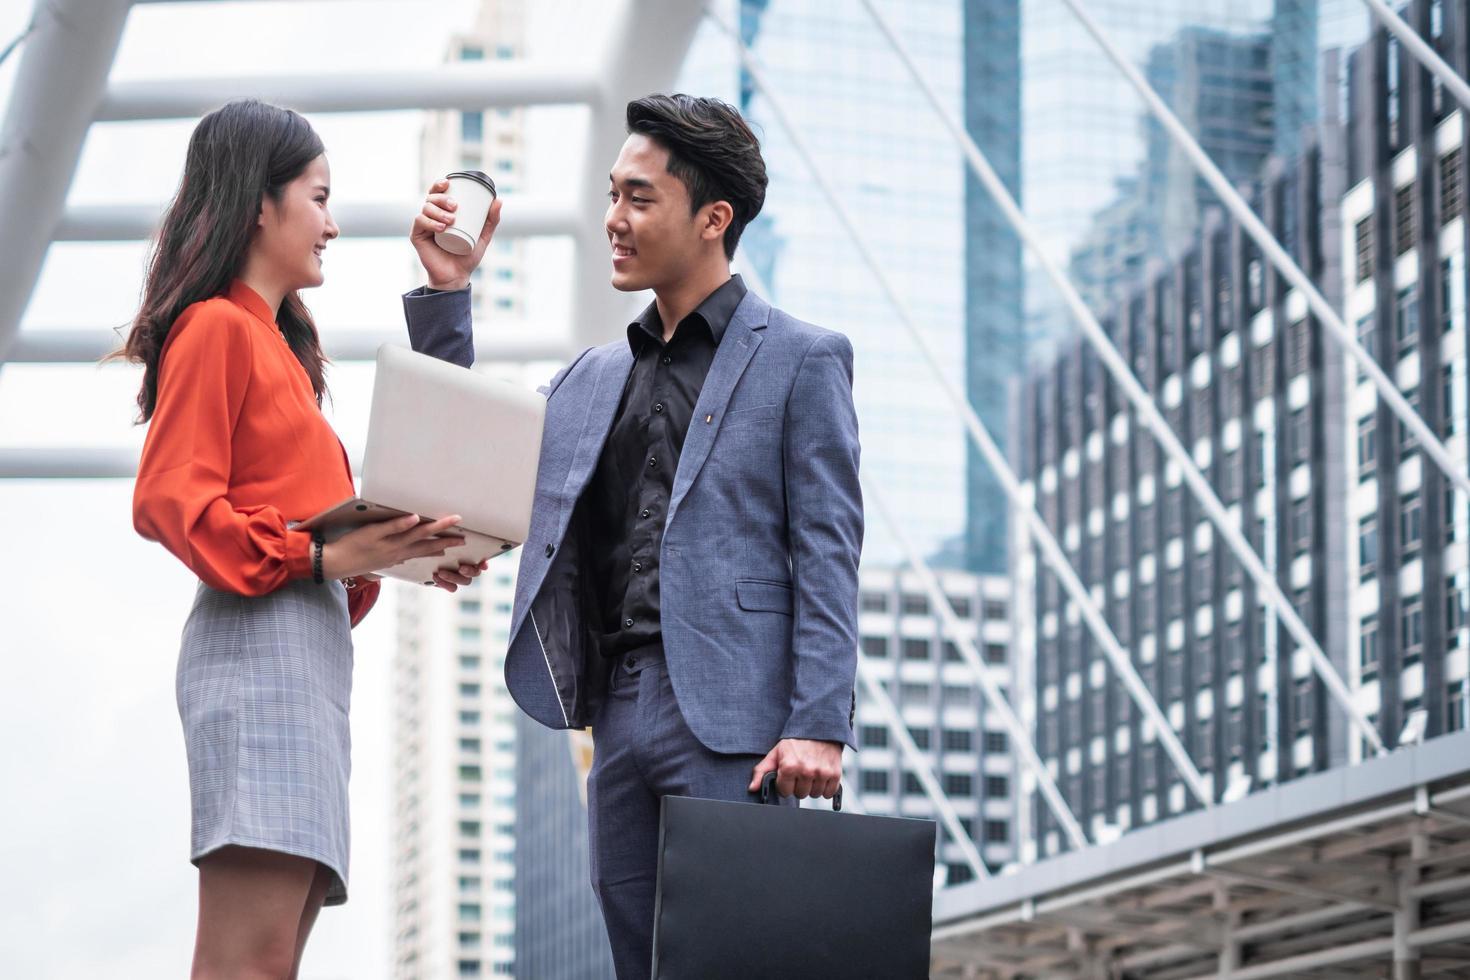 deux hommes d'affaires se réunissent devant leur bureau photo